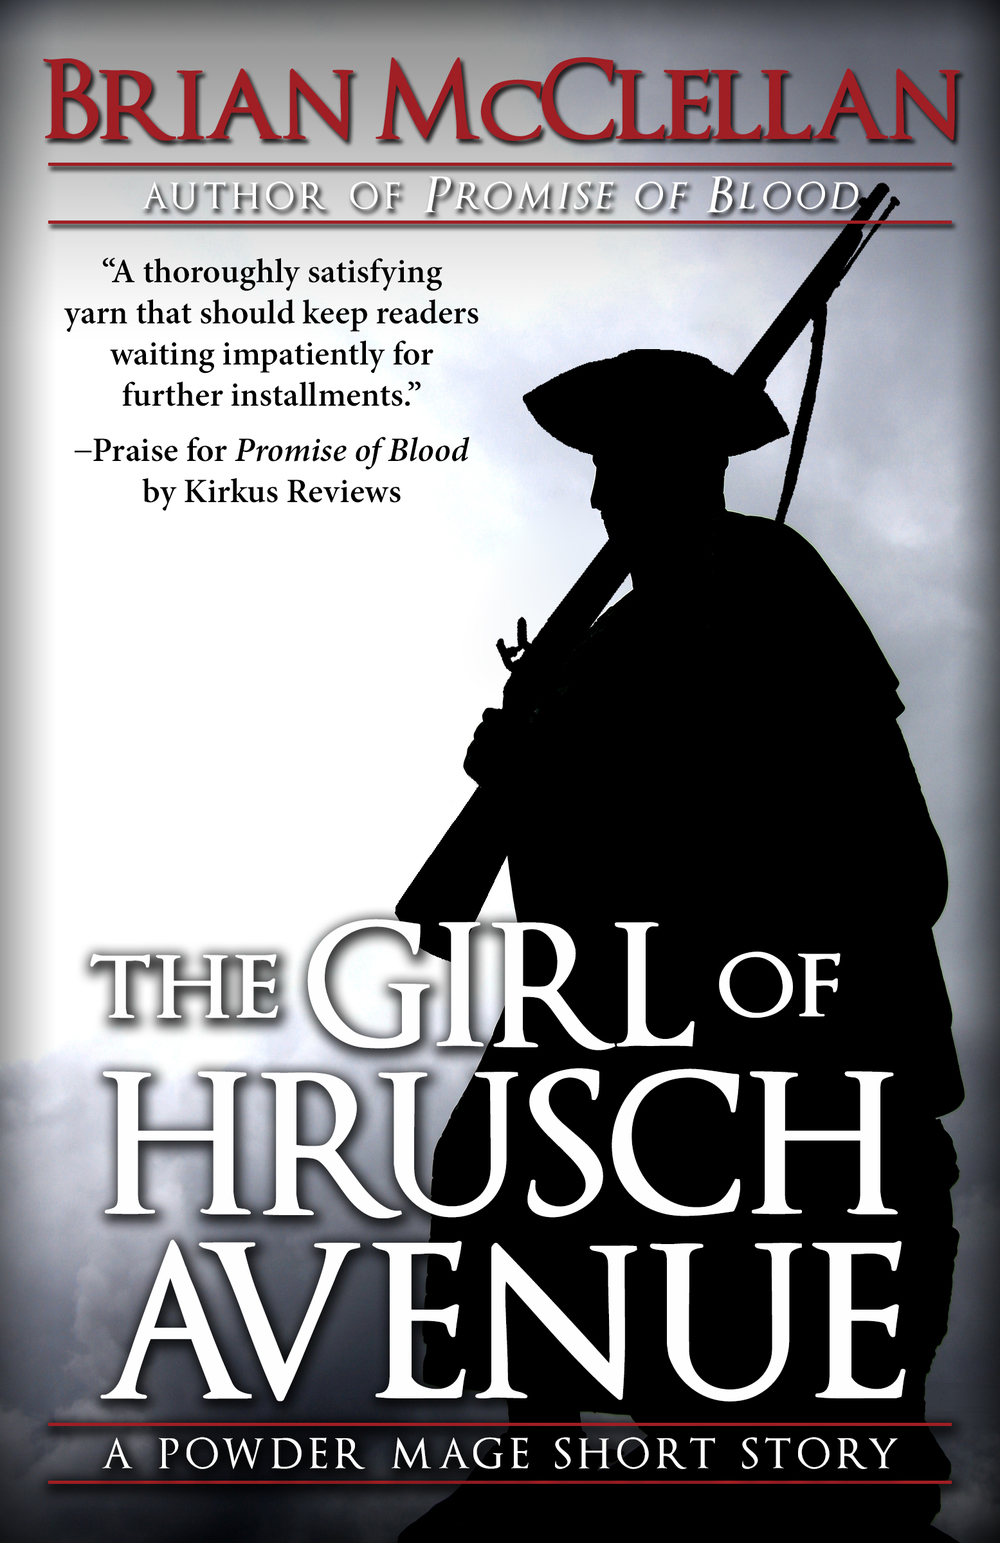 girl of hrusch avenue cover.jpg